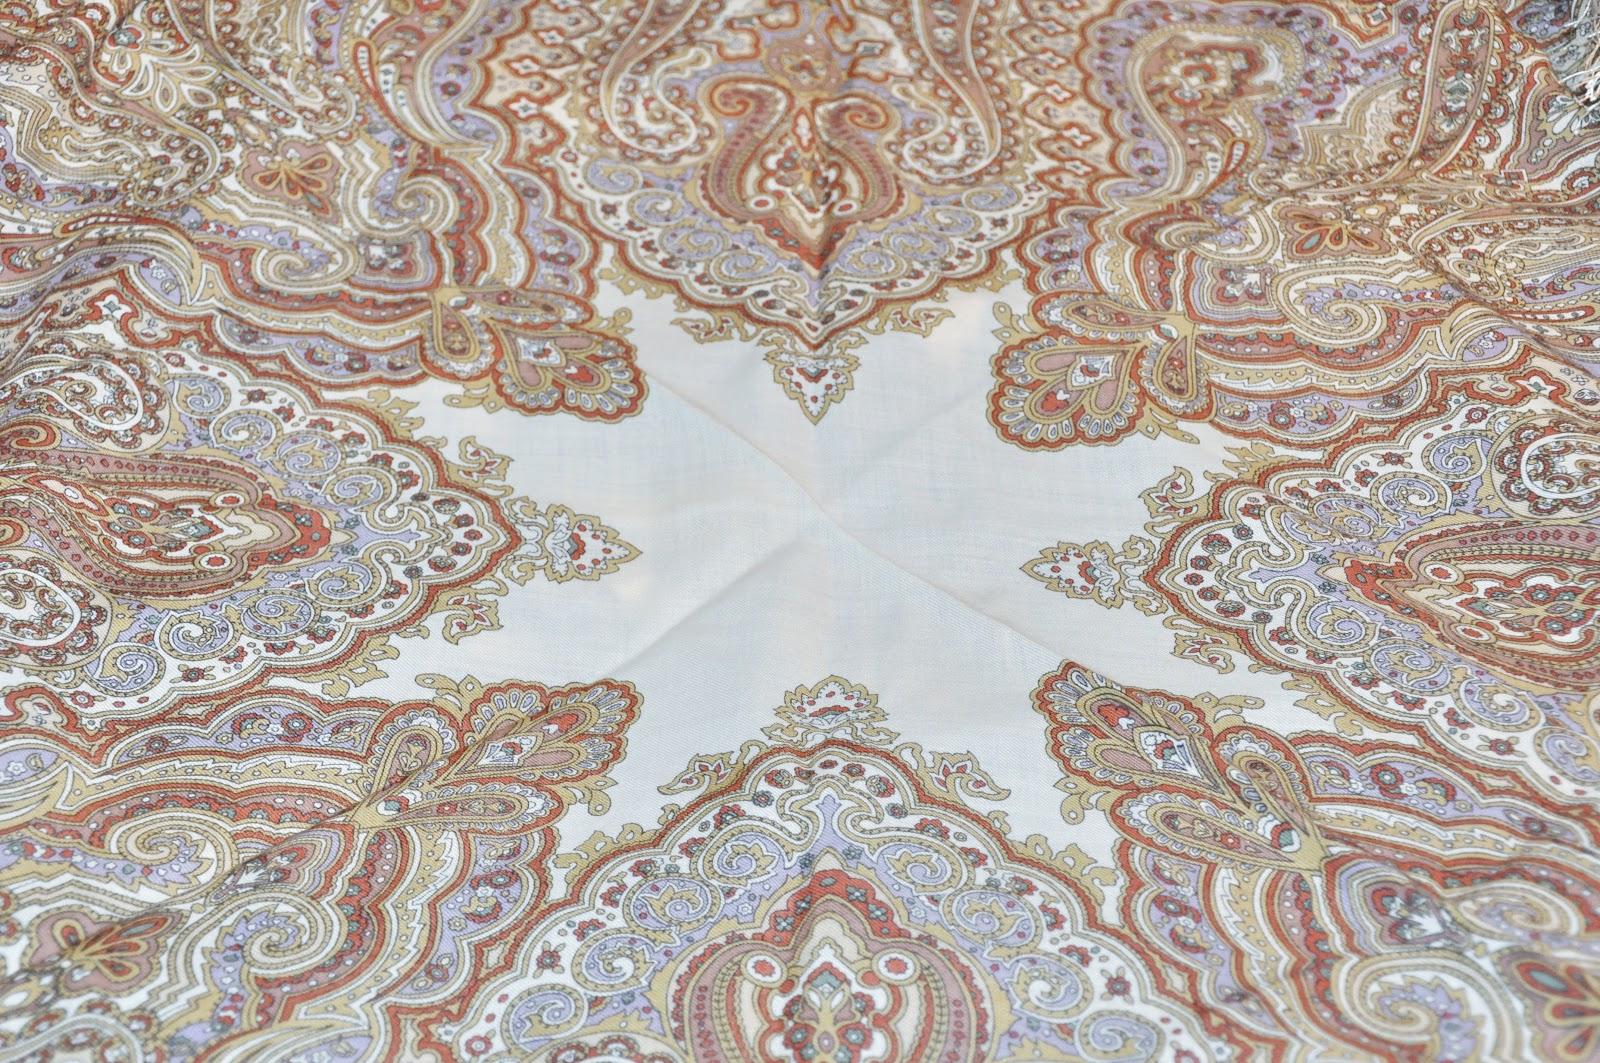 павлопосадский платок белый бежевый